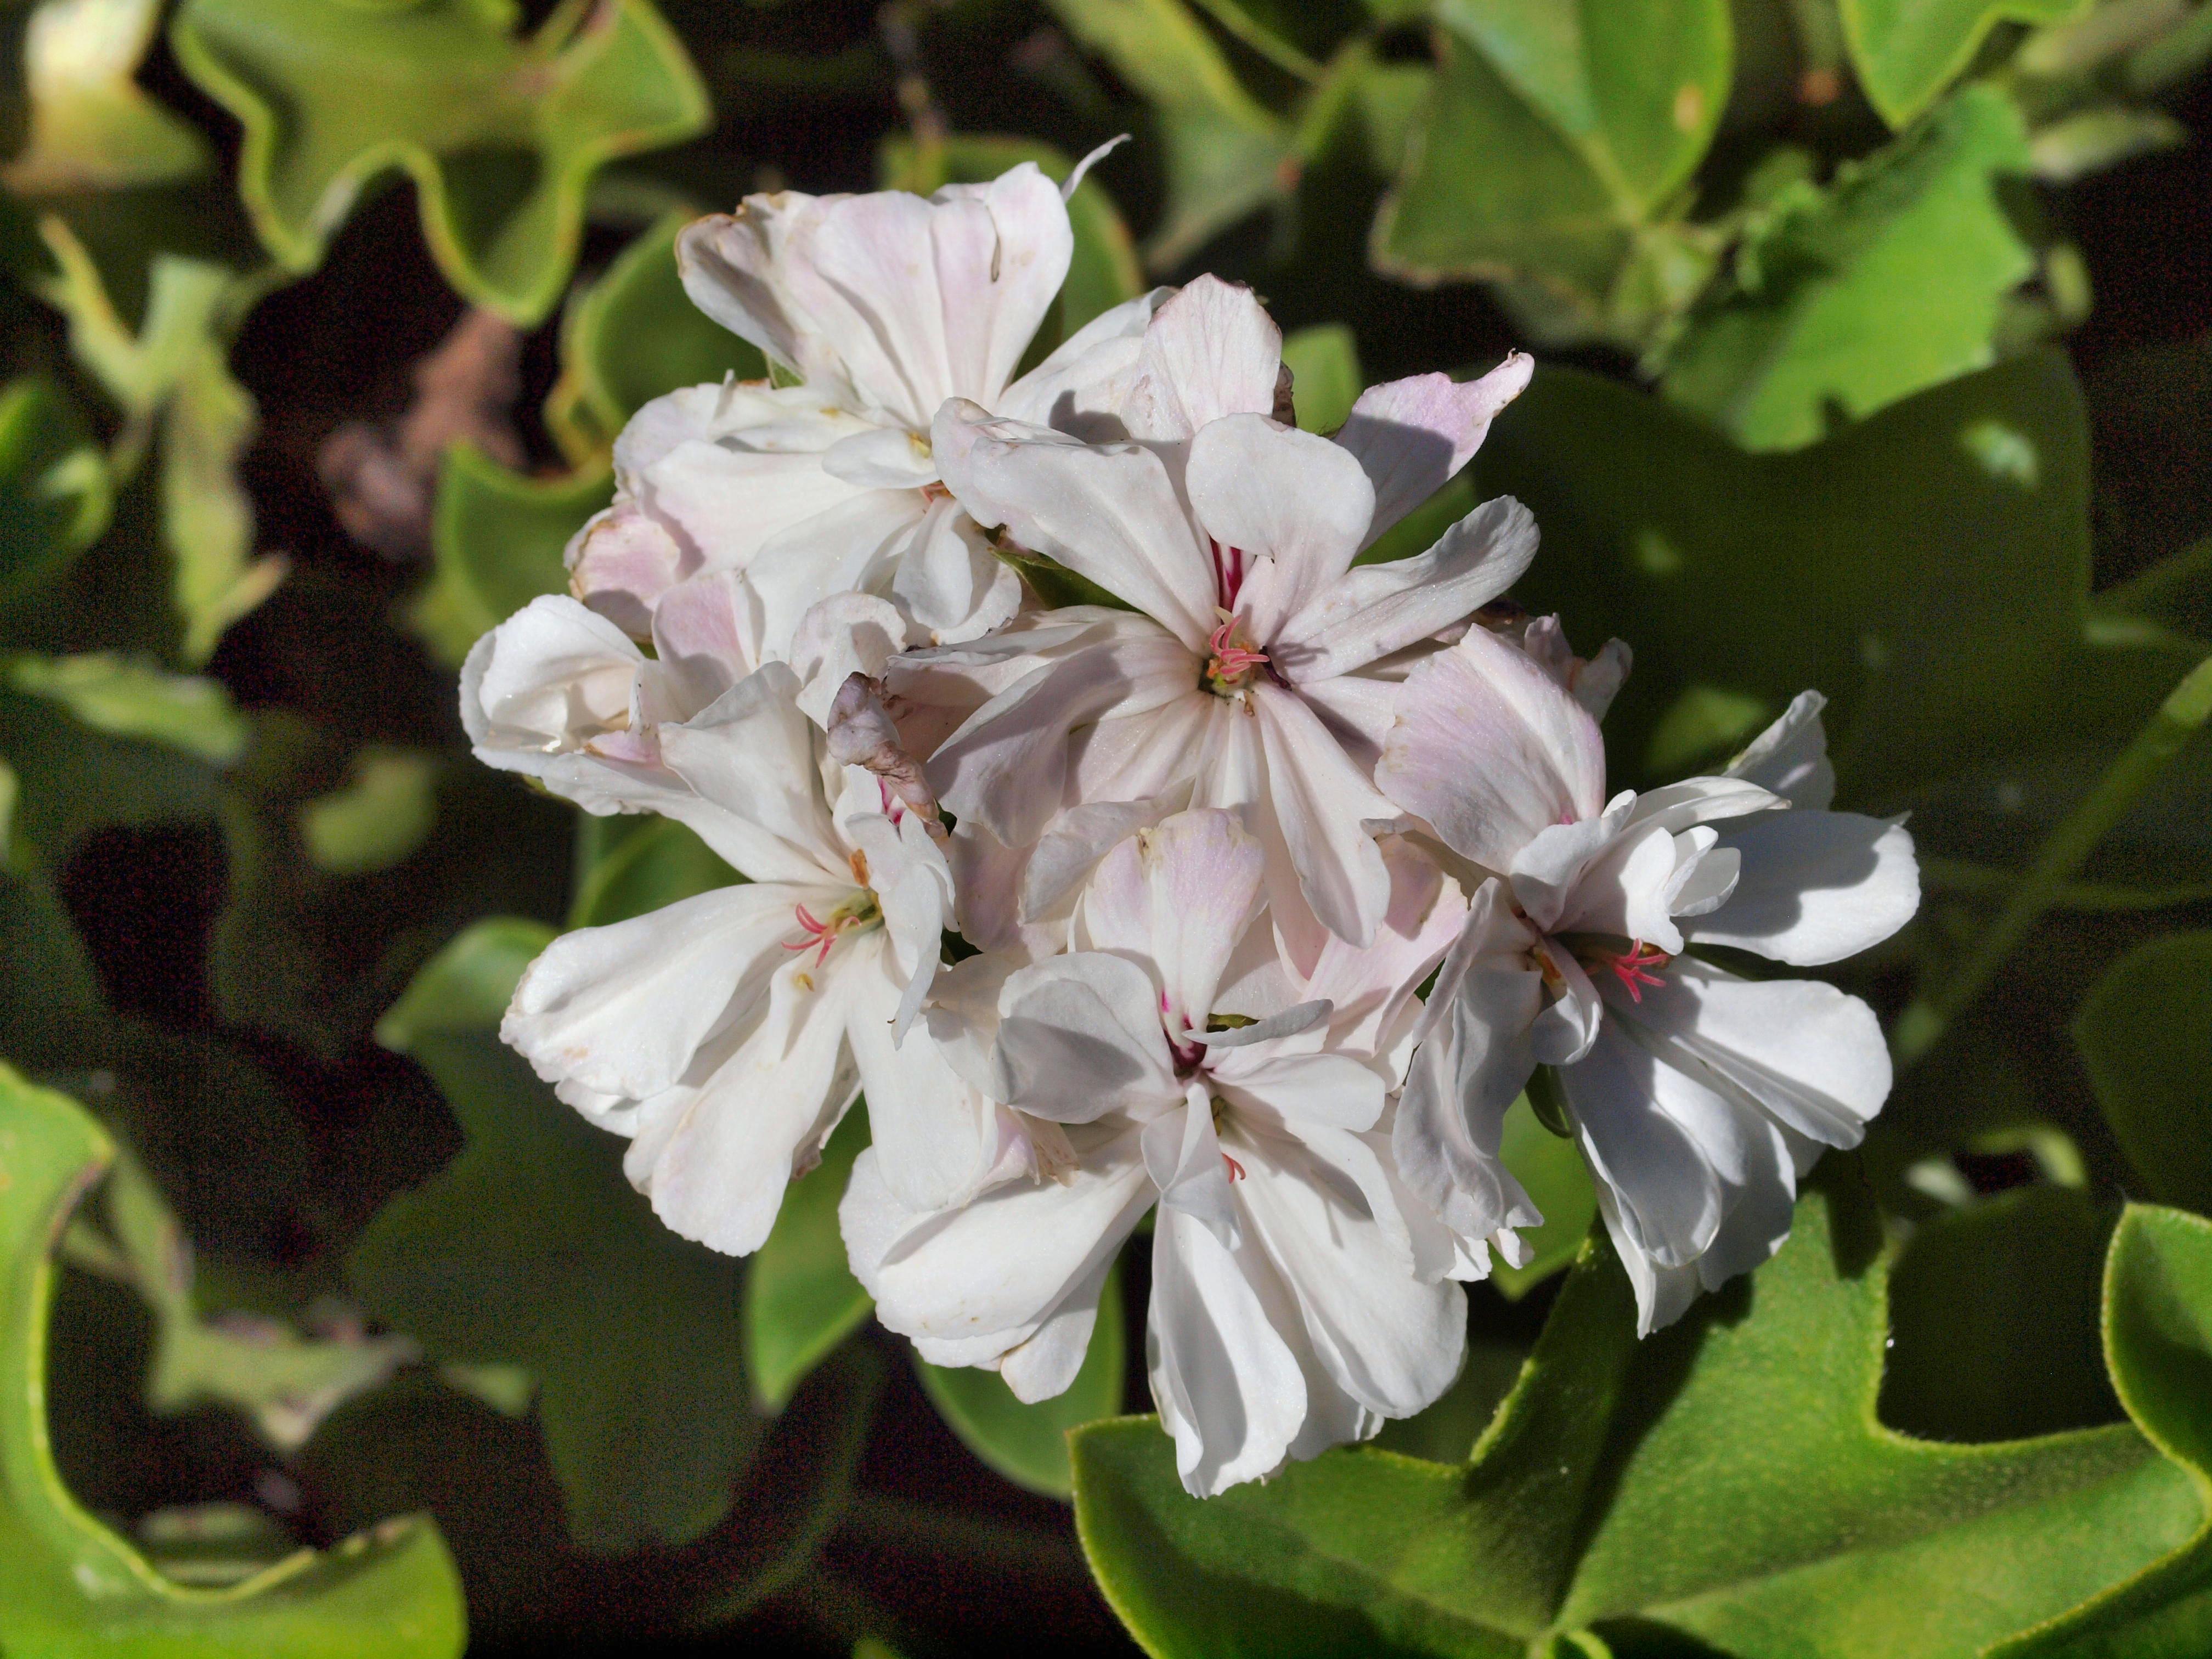 Pelargonium-6.jpeg